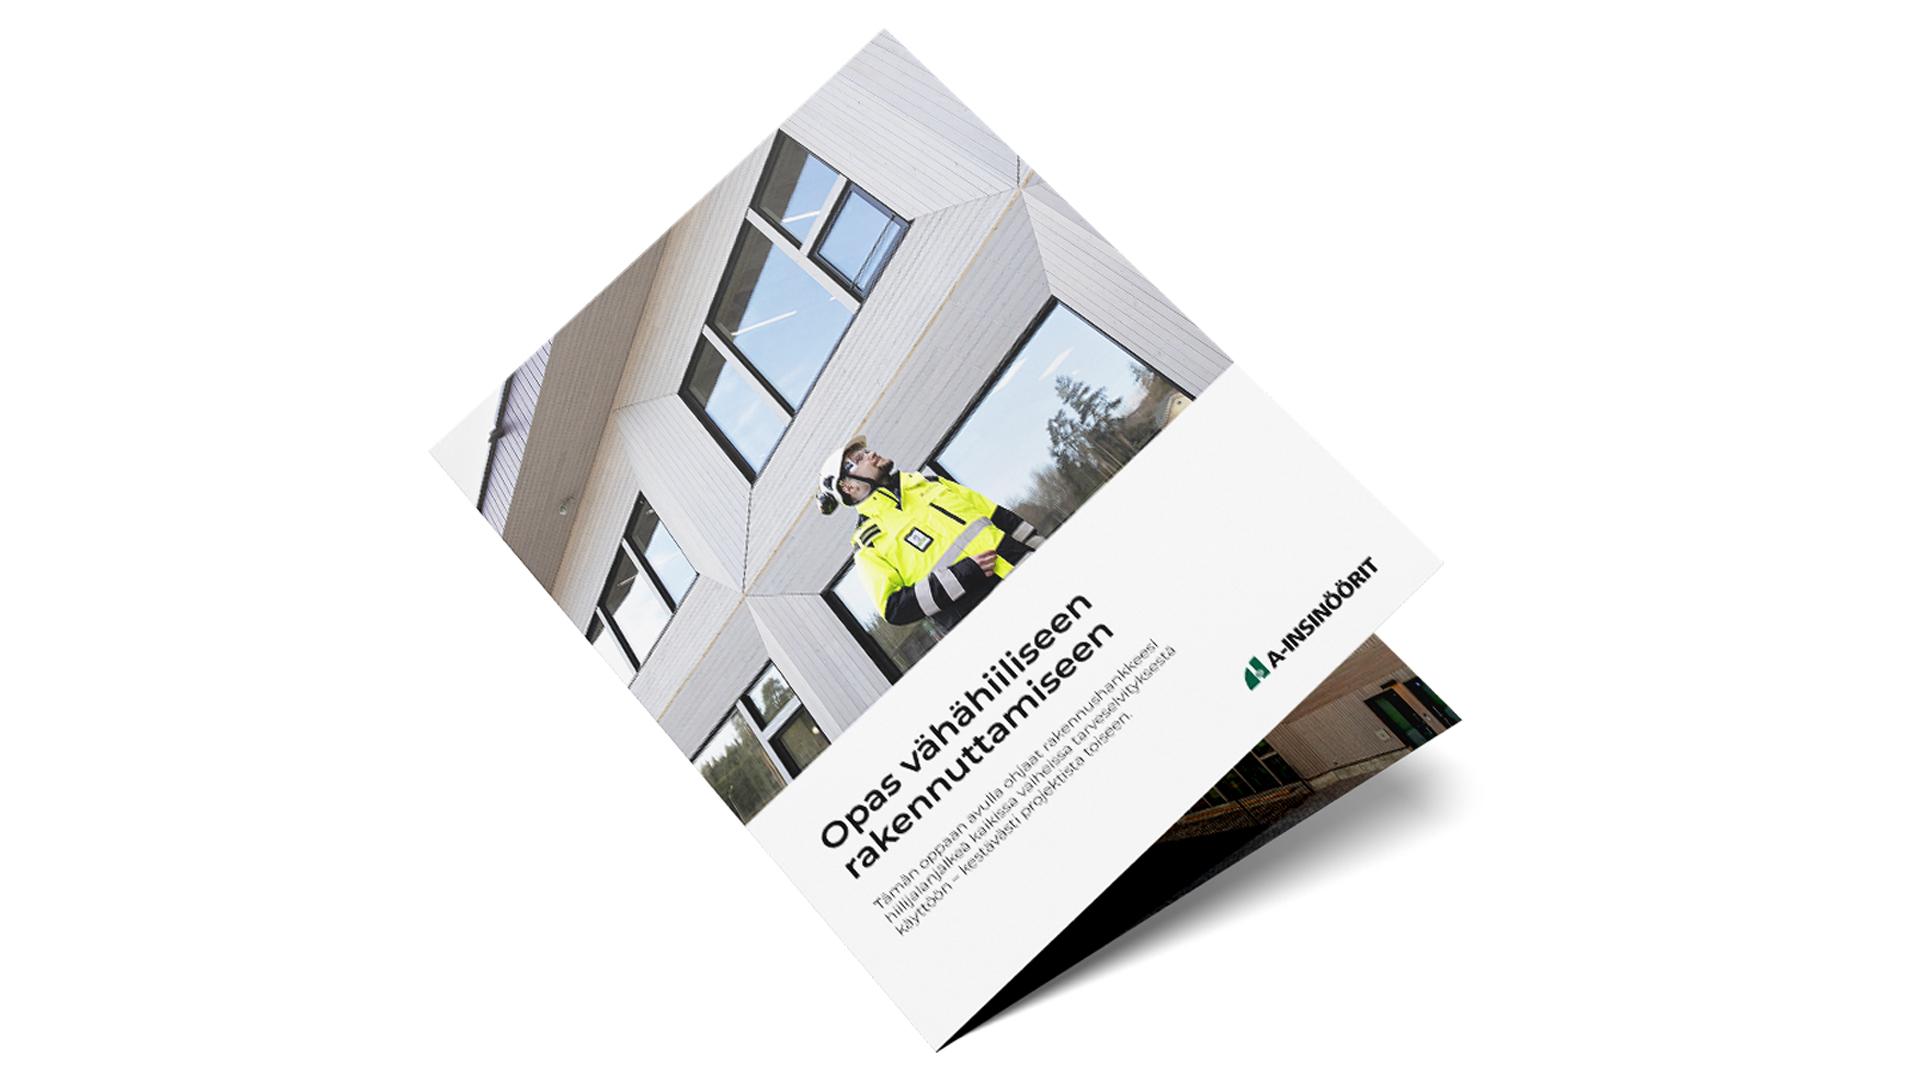 A-Insinöörien Vähähiilisen rakennuttamisen opas auttaa ohjaamaan rakennushankkeen hiilijalanjälkeä.